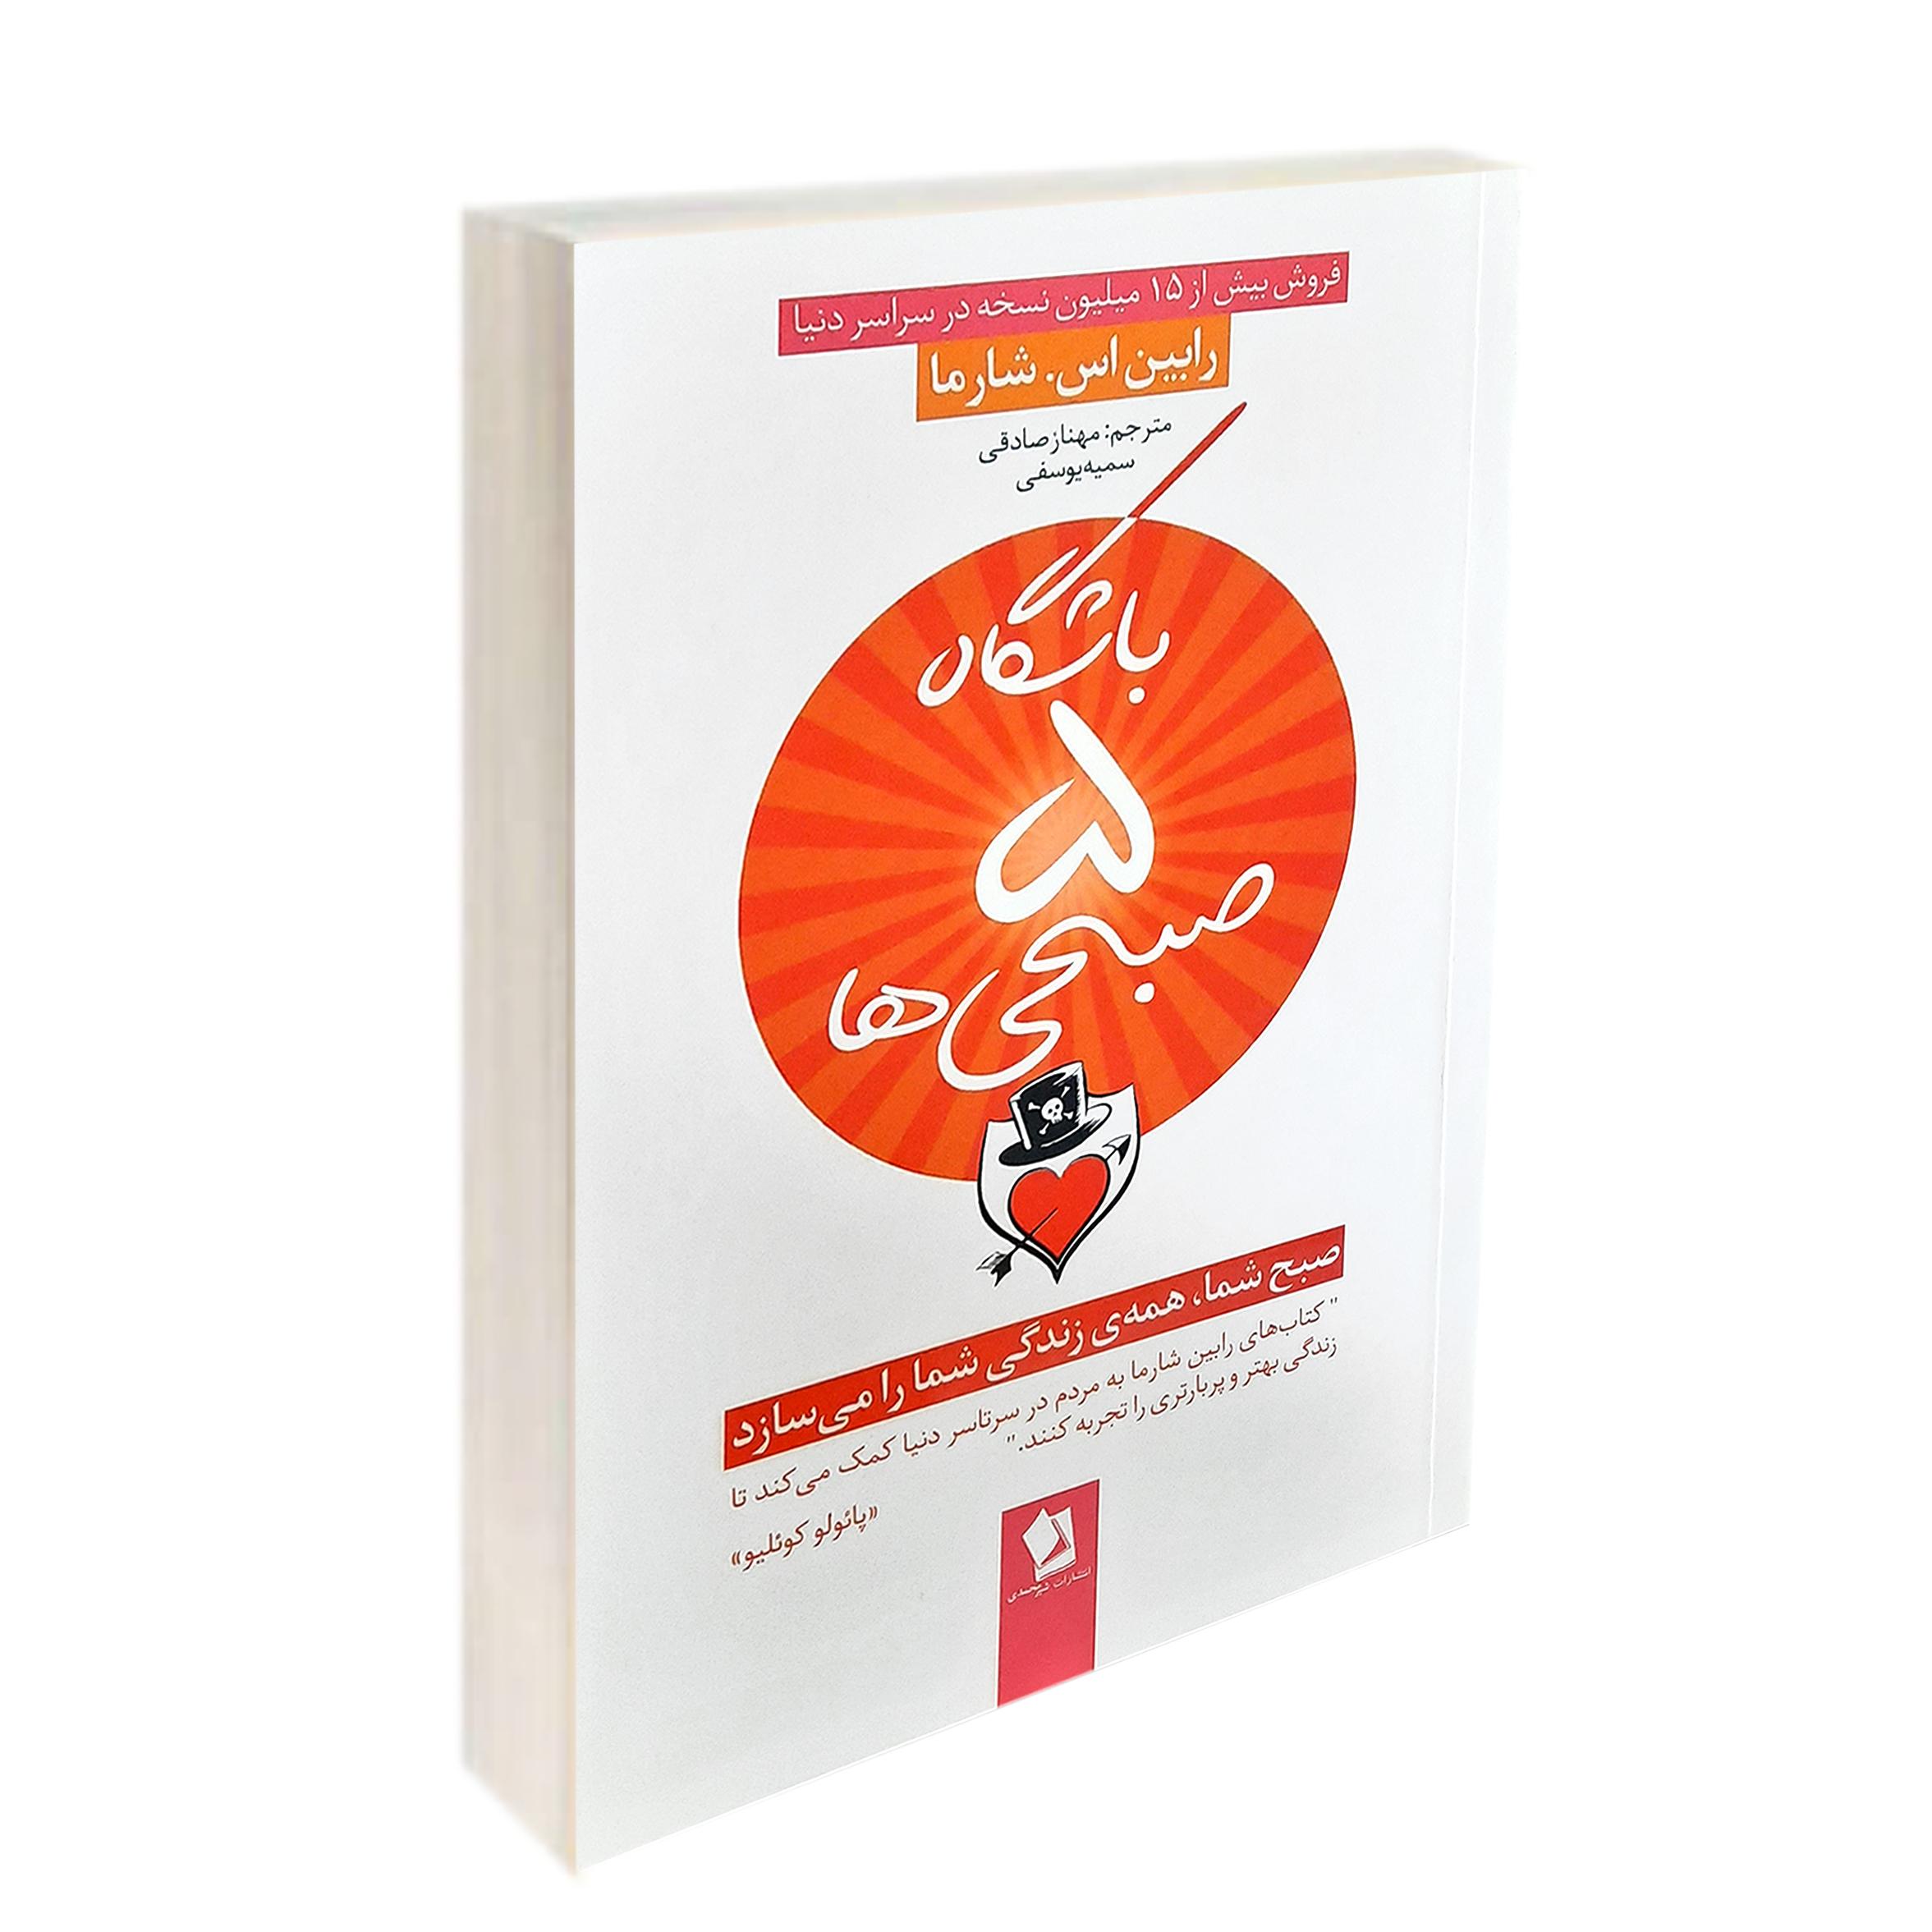 کتاب باشگاه 5صبحی ها اثر رابین شارما نشر شیرمحمدی